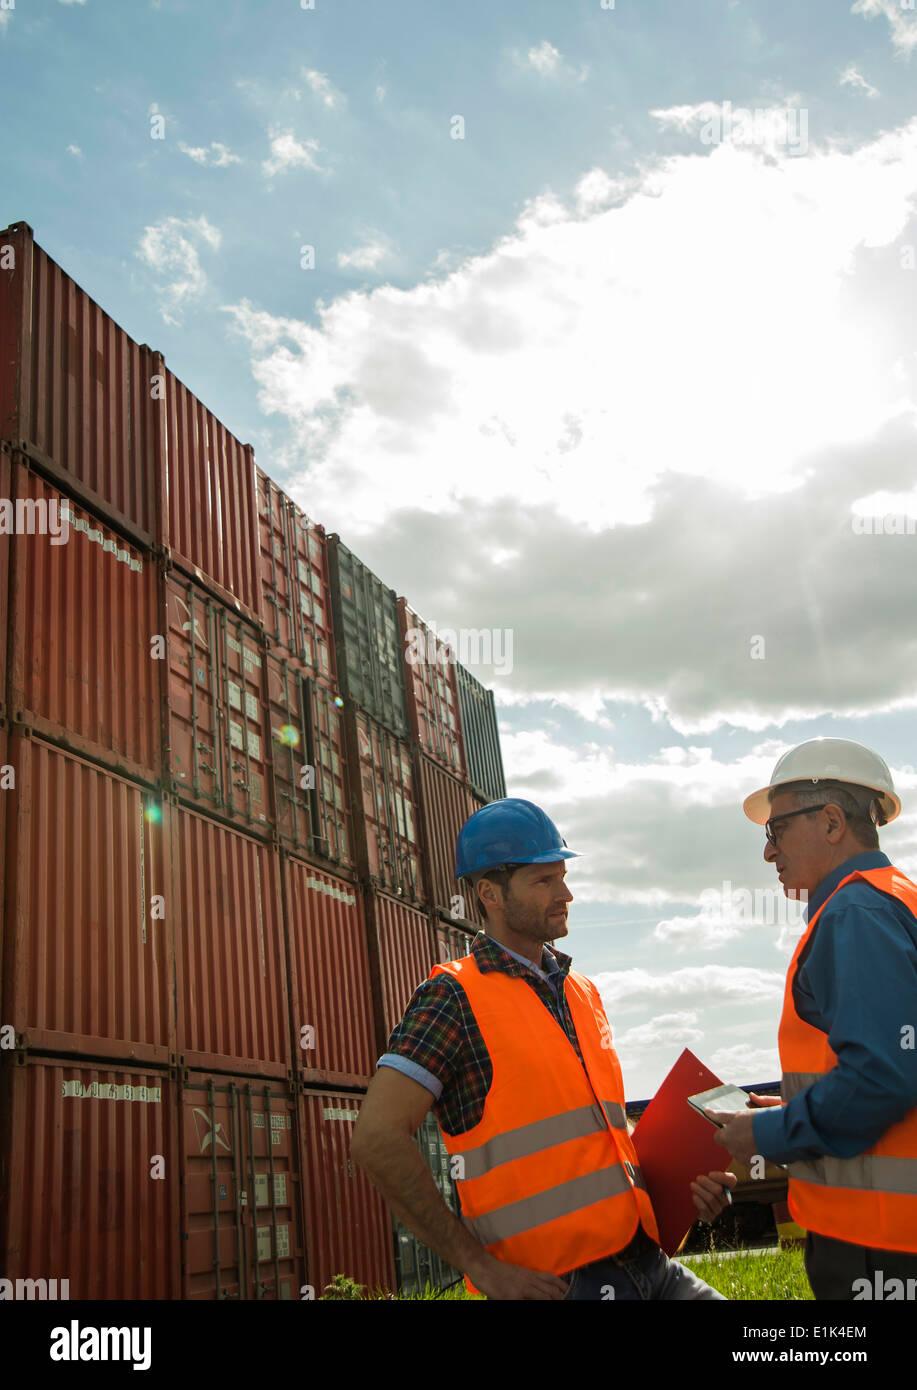 Dos hombres con cascos de seguridad y chalecos reflectantes hablando al puerto de contenedores Foto de stock